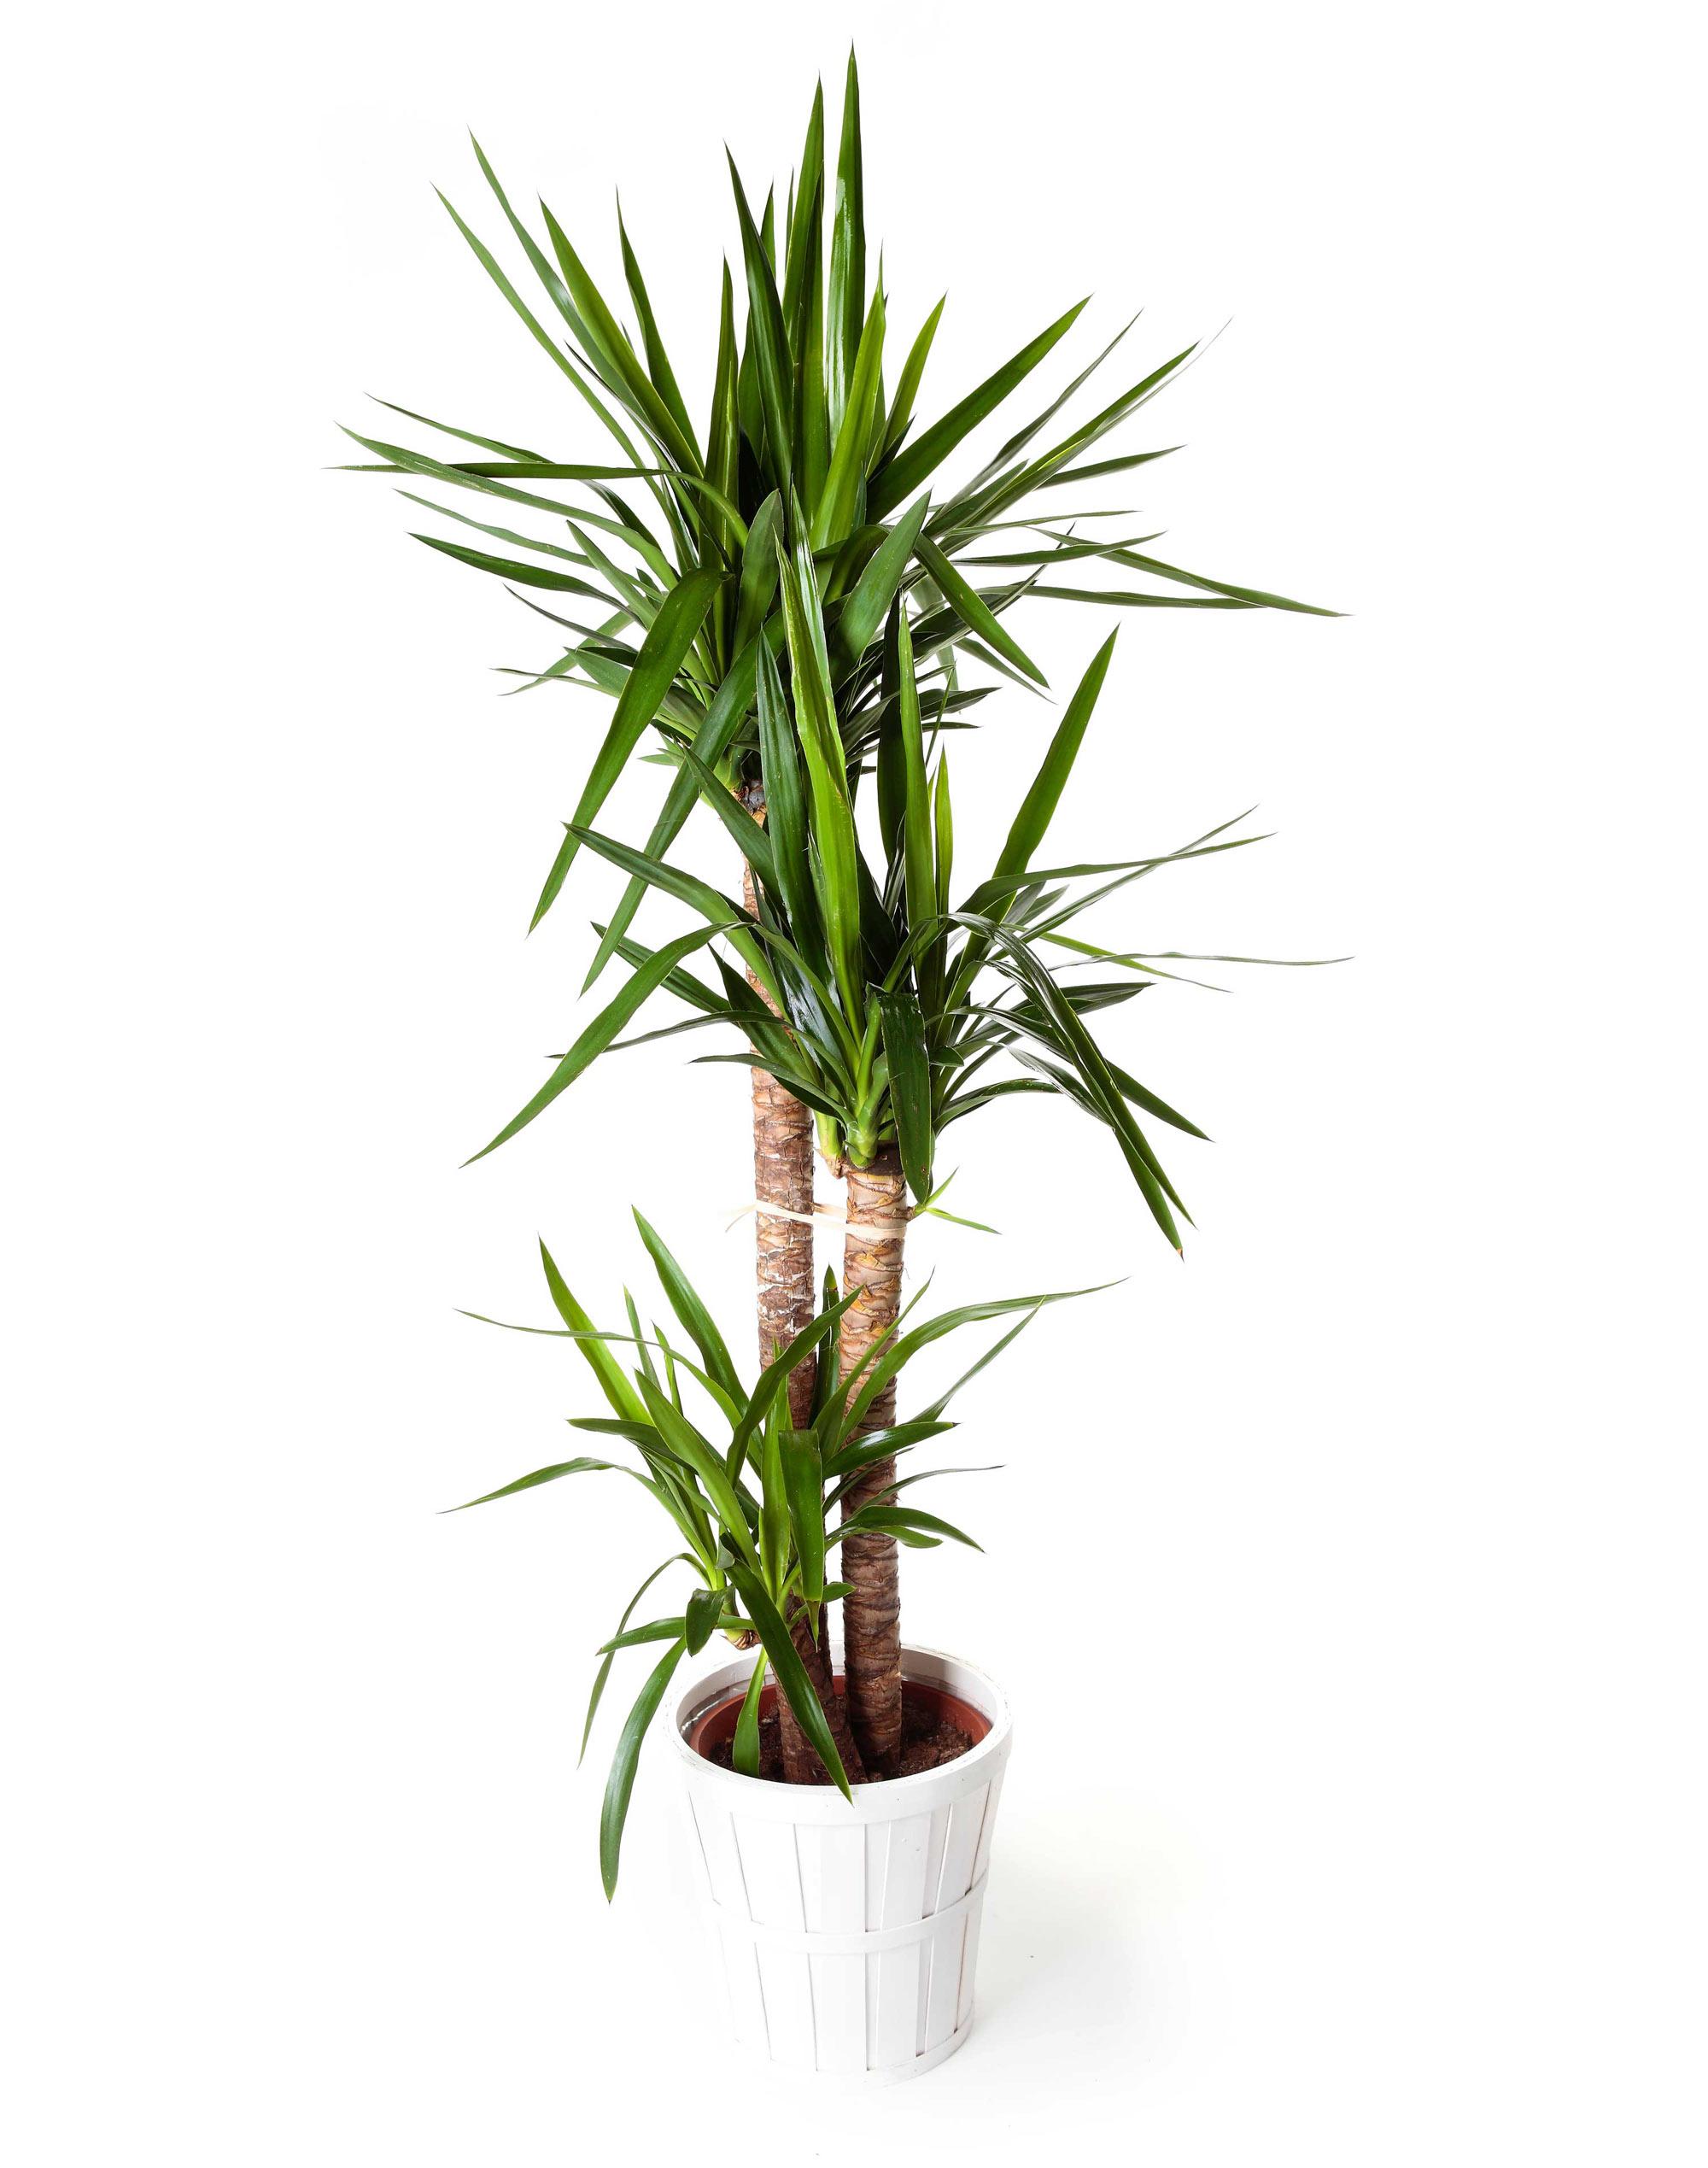 planta yuca regalos plantas de interior plantas en